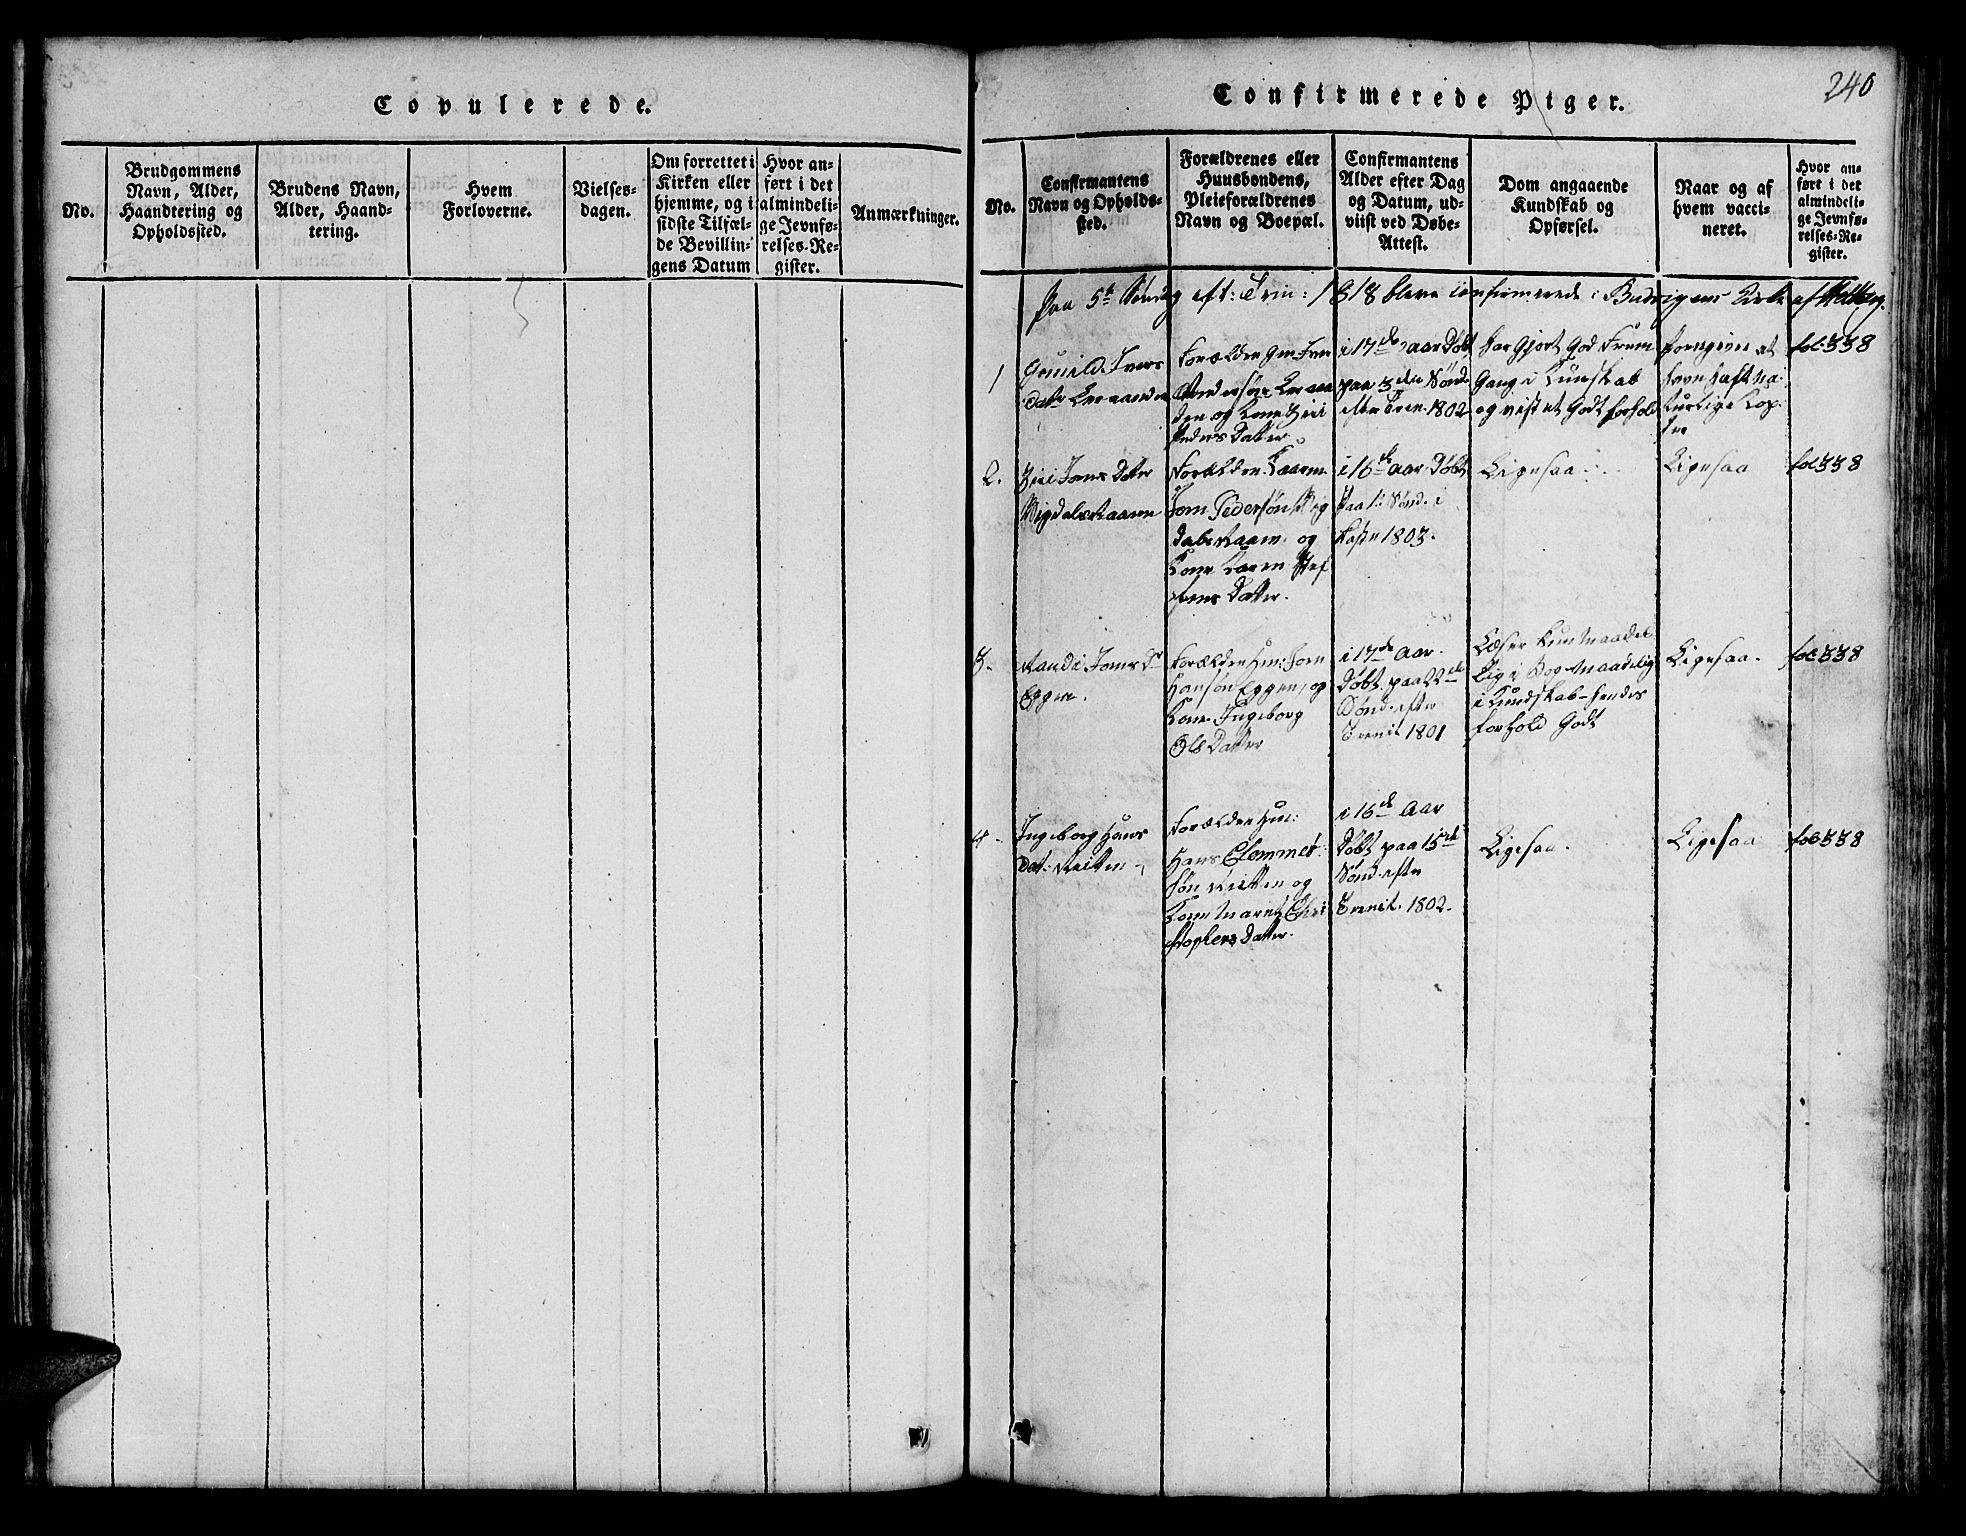 SAT, Ministerialprotokoller, klokkerbøker og fødselsregistre - Sør-Trøndelag, 666/L0788: Klokkerbok nr. 666C01, 1816-1847, s. 240